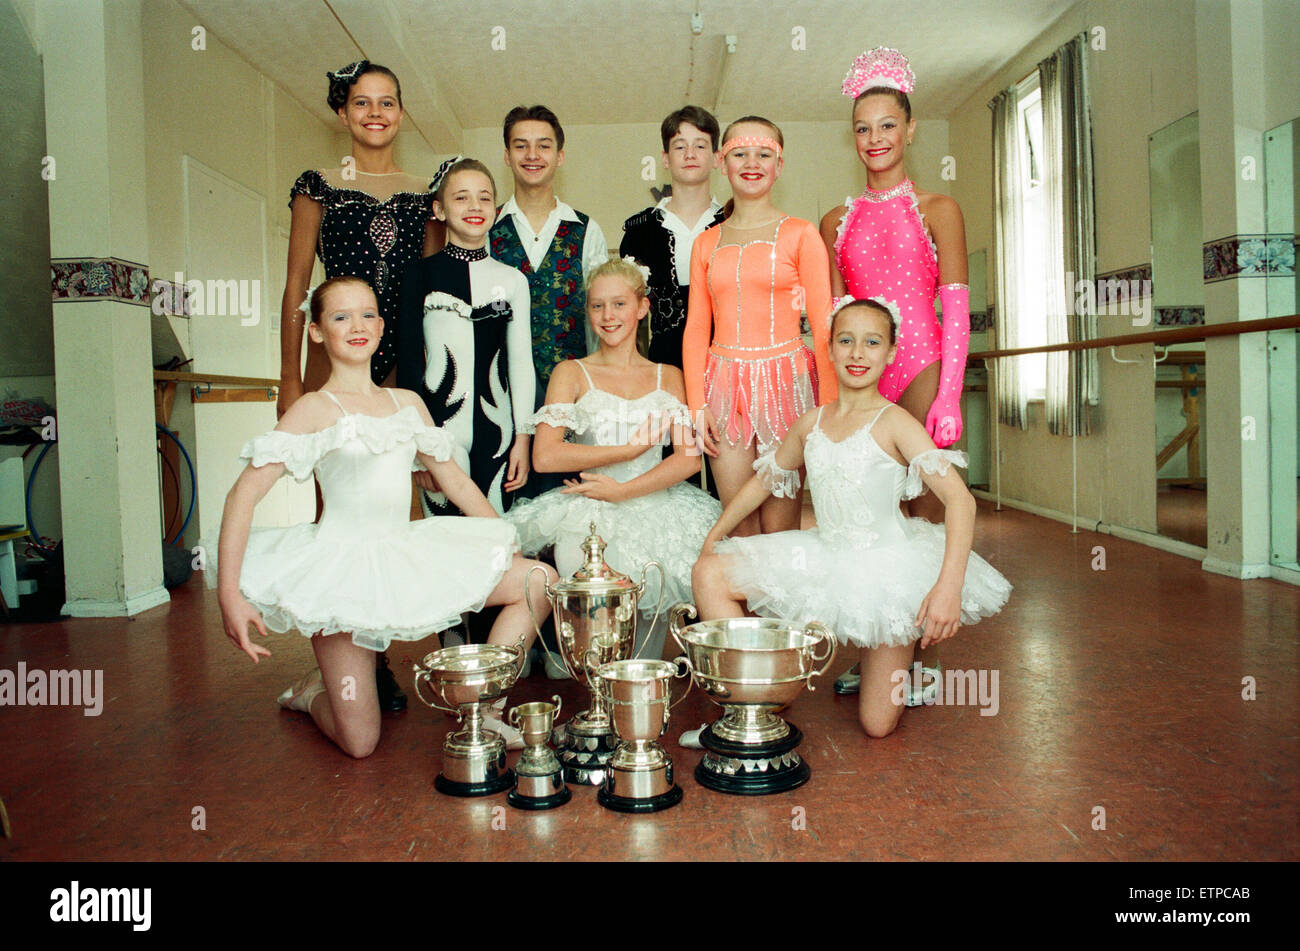 Michelle Robinson, 17, Mark Richardson, 15, und Joanne Yuille, 13, aus Maloneys Schule tanzen, Middlesbrough, der Stockbild